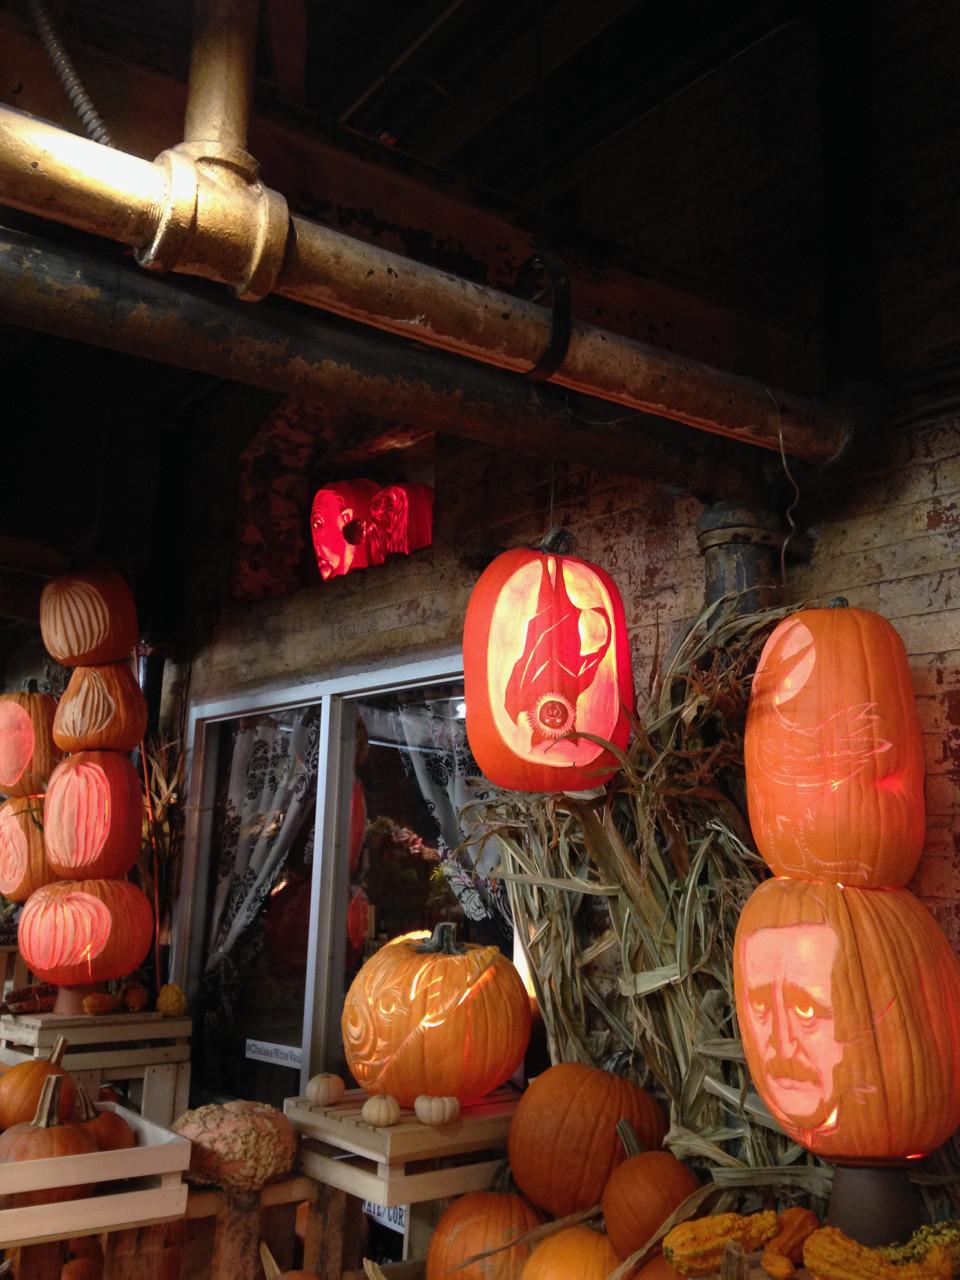 Pumpkins in Chelsea Market